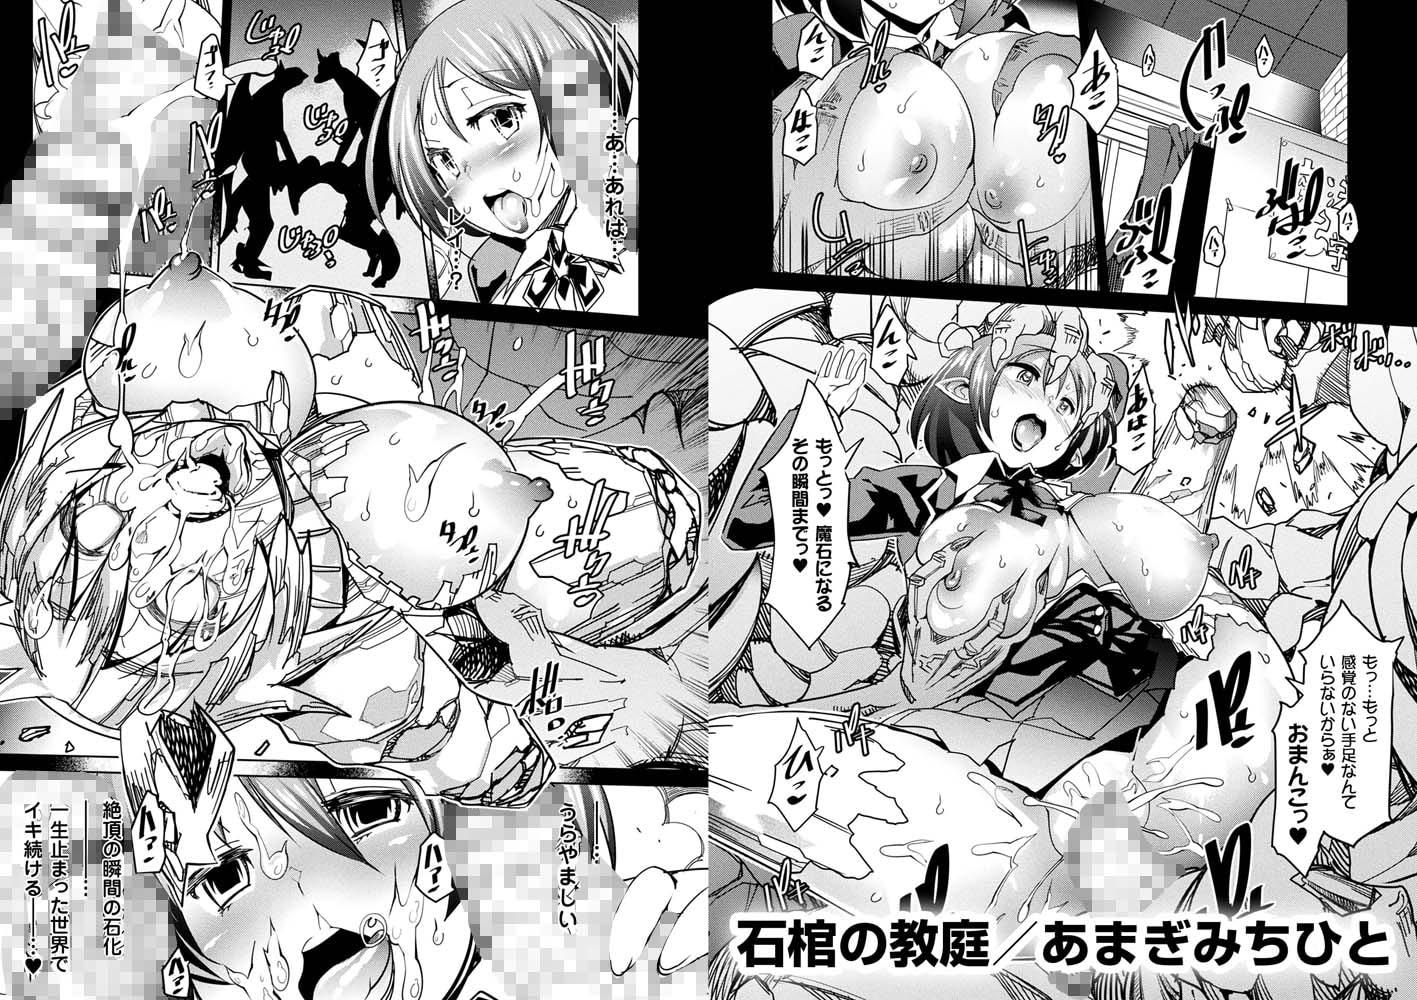 別冊コミックアンリアル 石化END~絶望の中で石像へと変えられる少女たち~デジタル版Vol.1